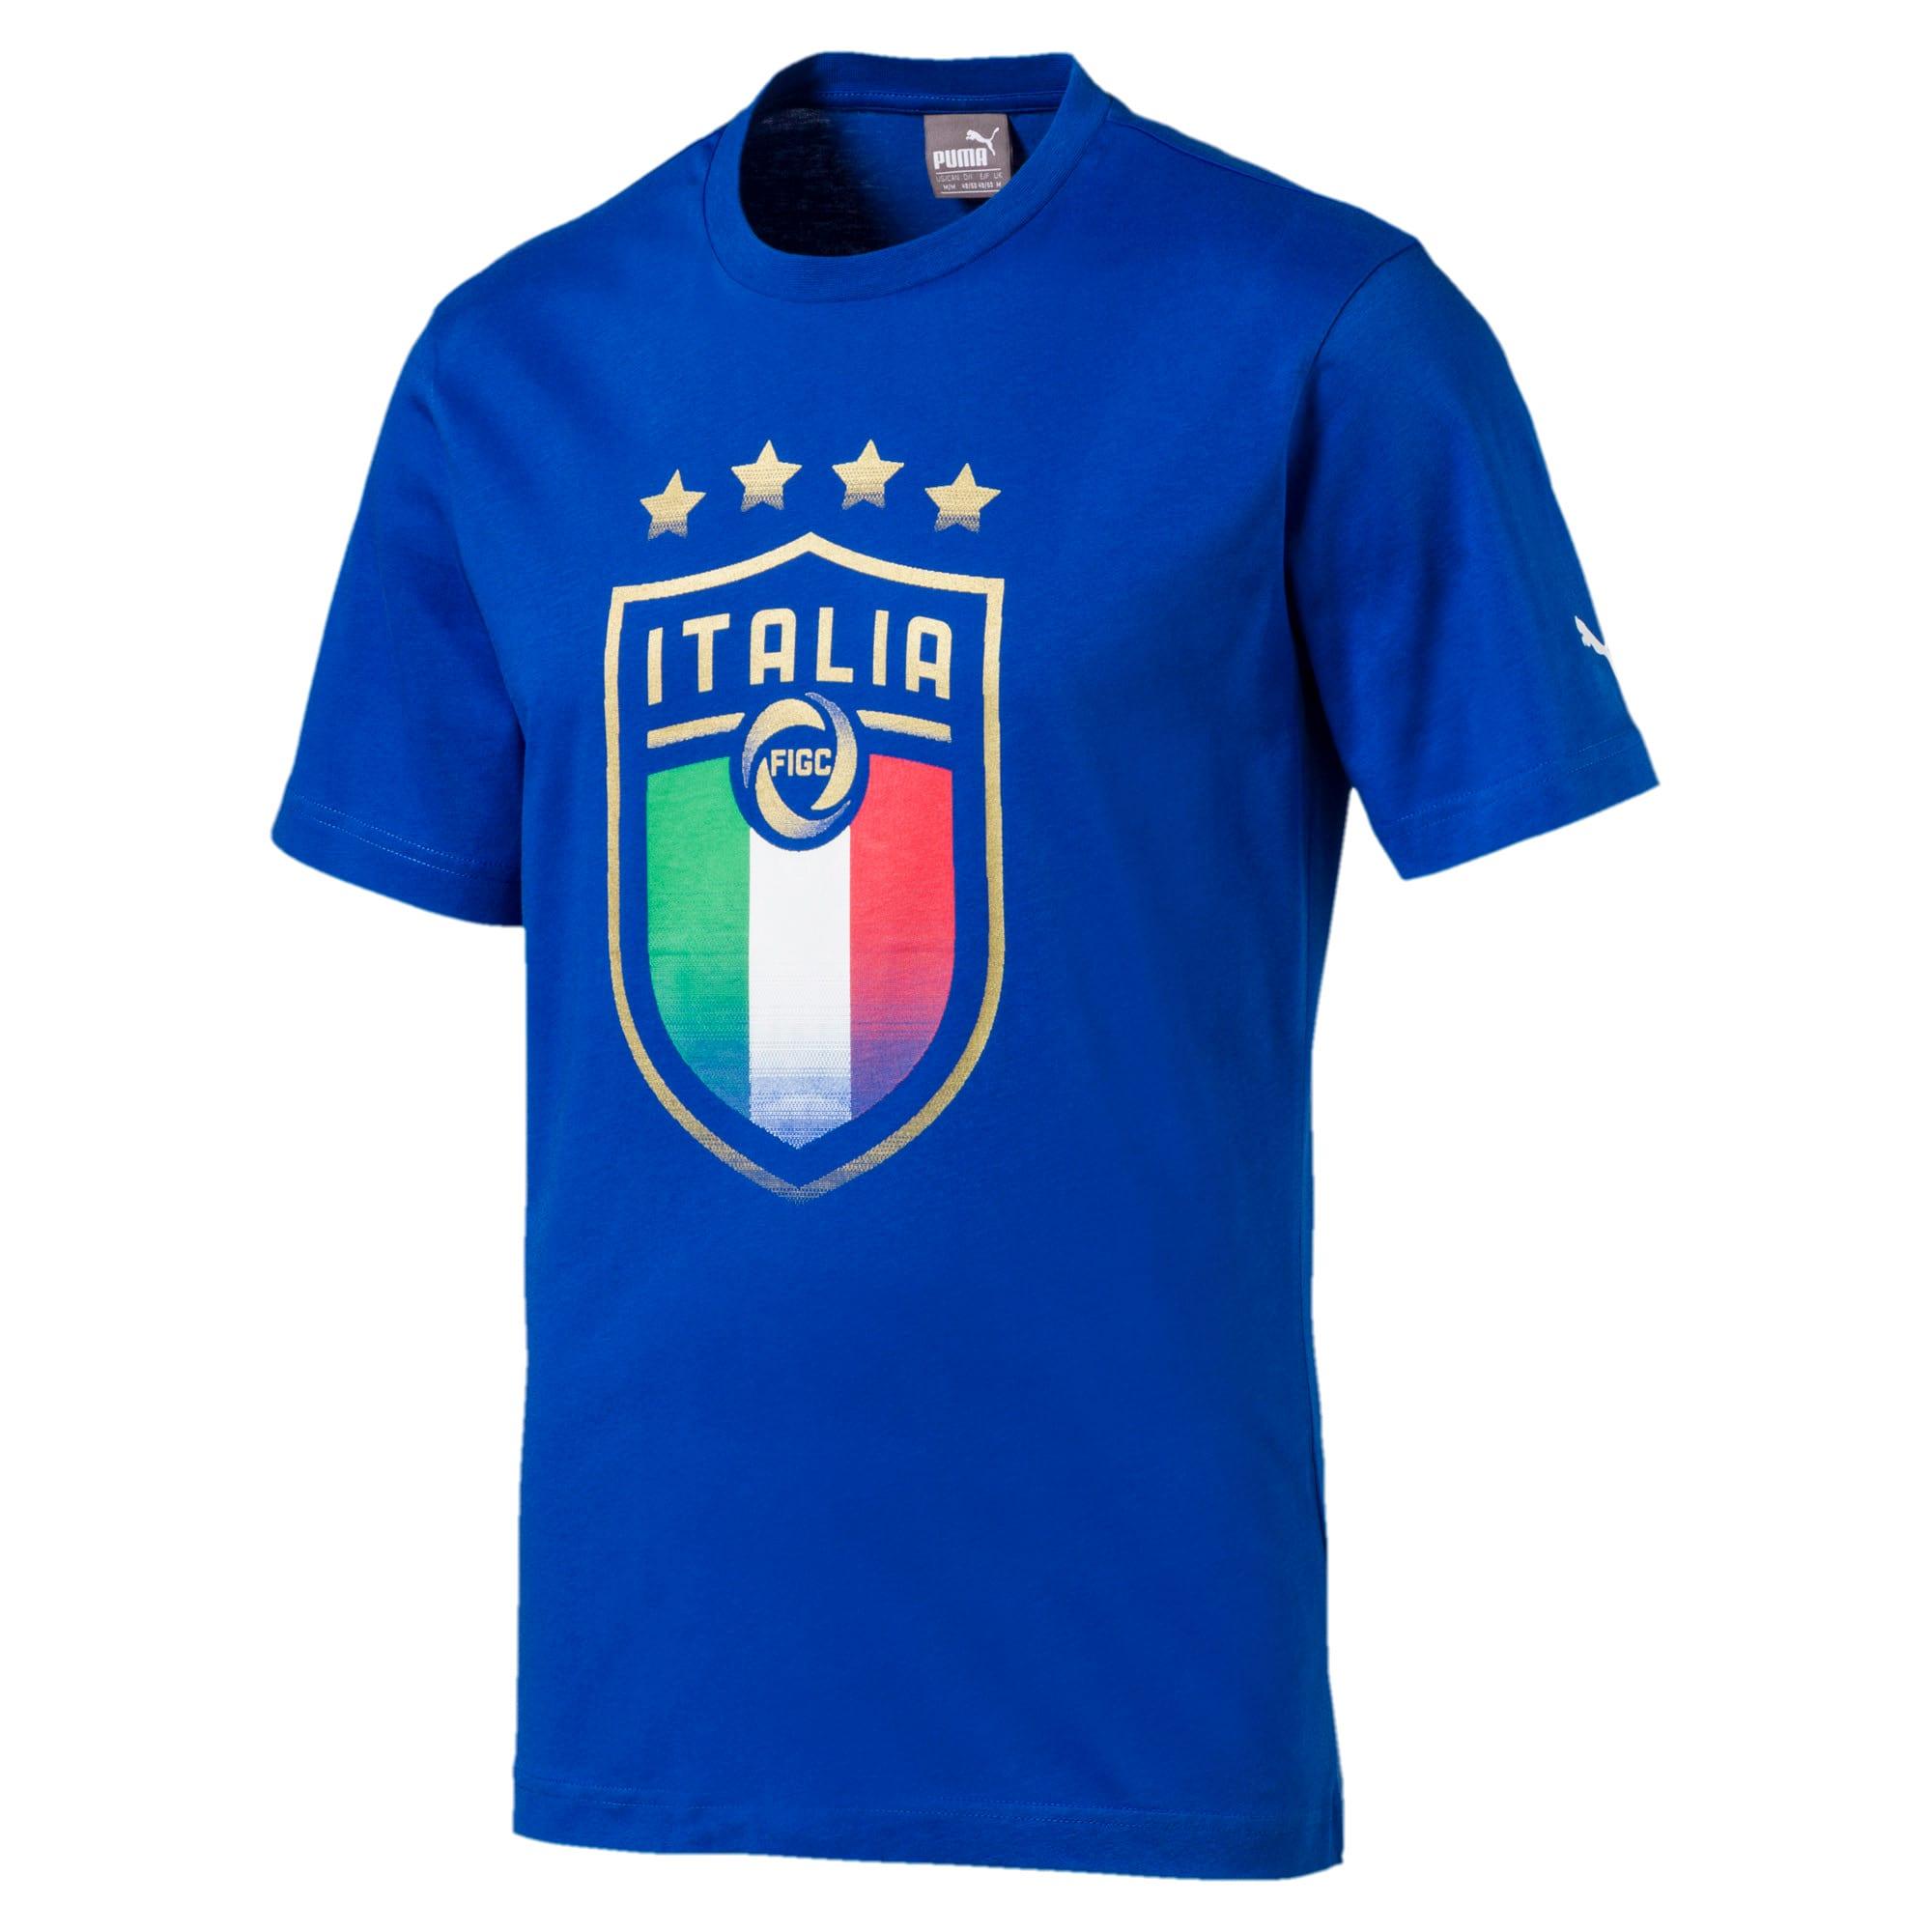 Thumbnail 1 of Italia Badge Tee, Team Power Blue, medium